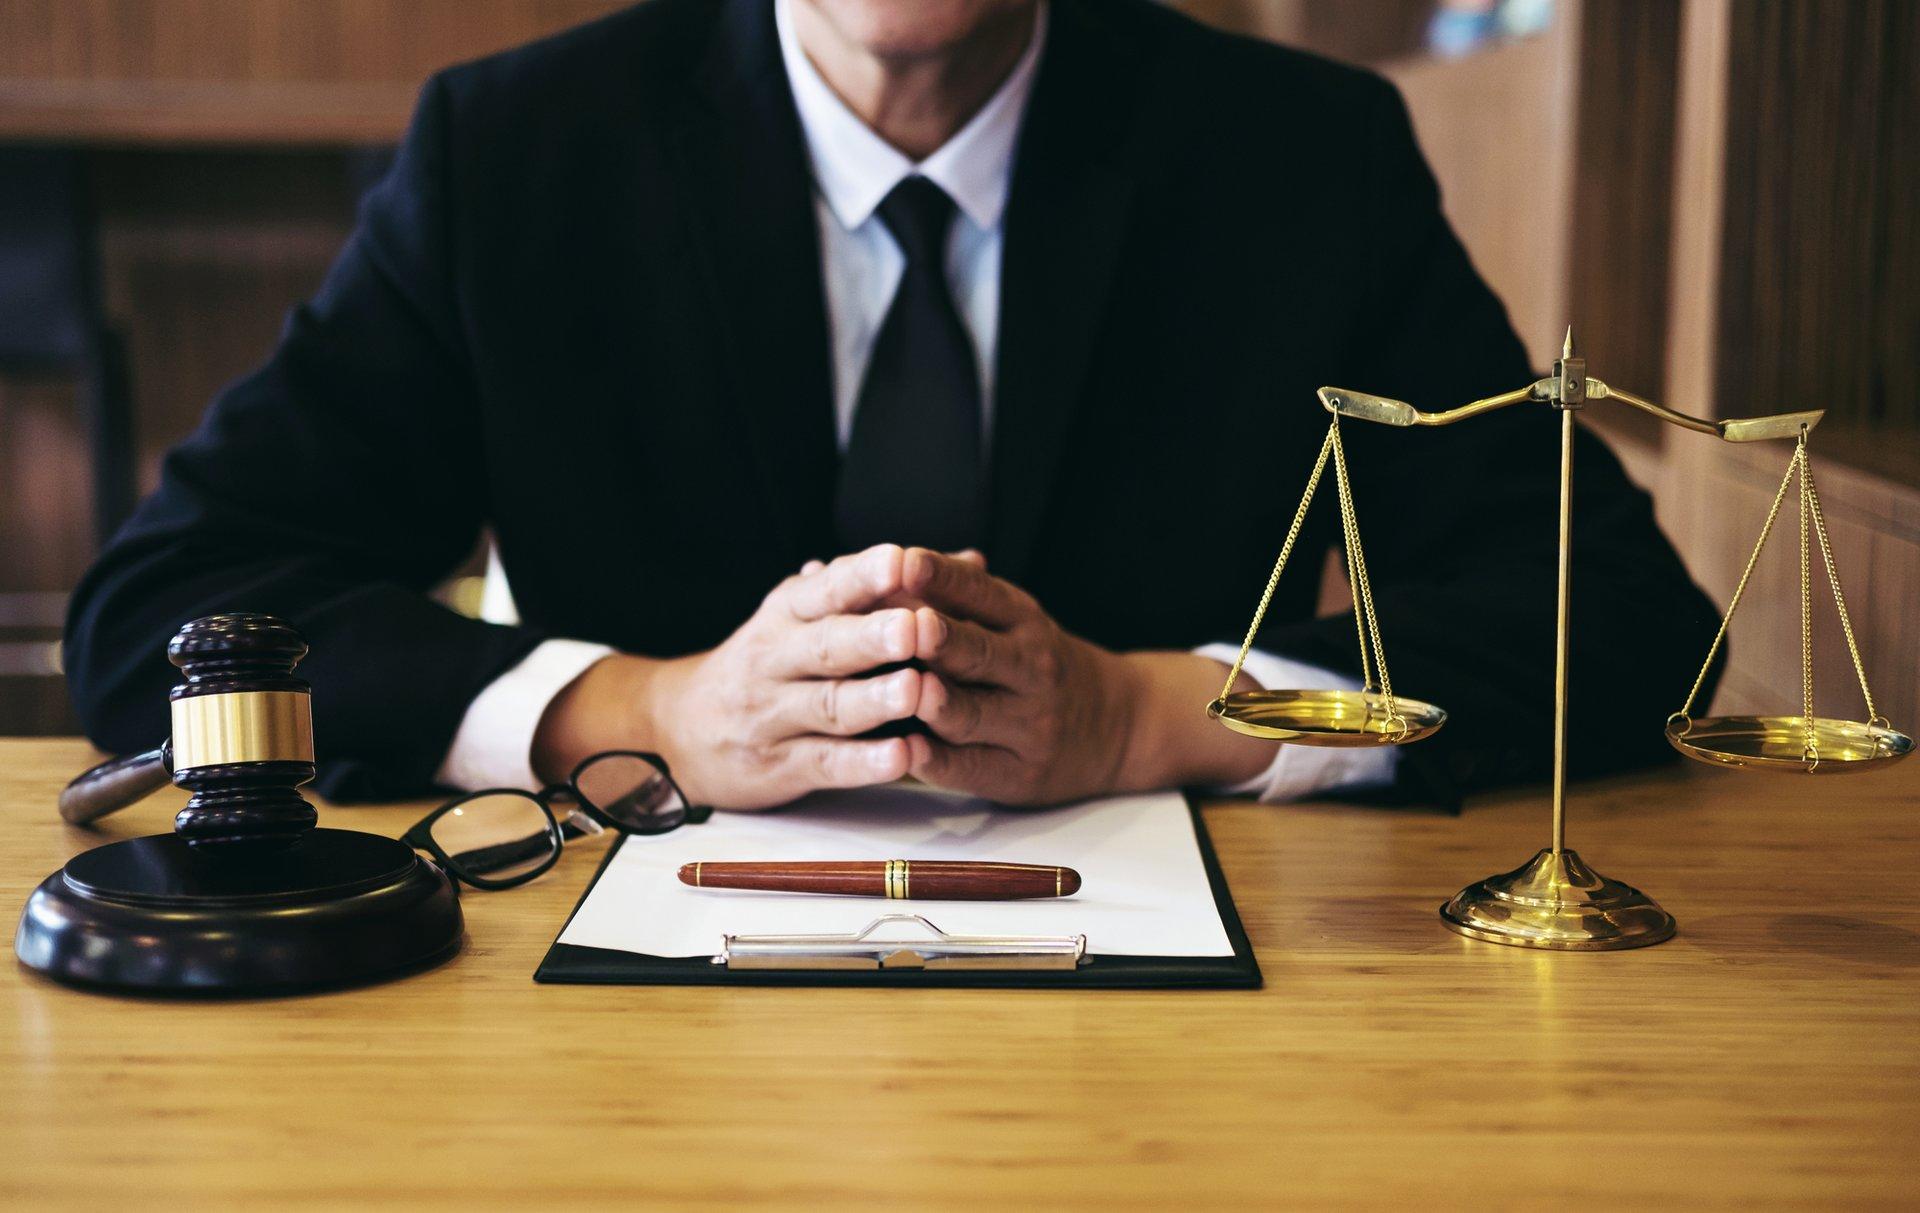 Налоговая проверка ИП: как часто налоговая проверяет ИП, как подготовиться к проверке